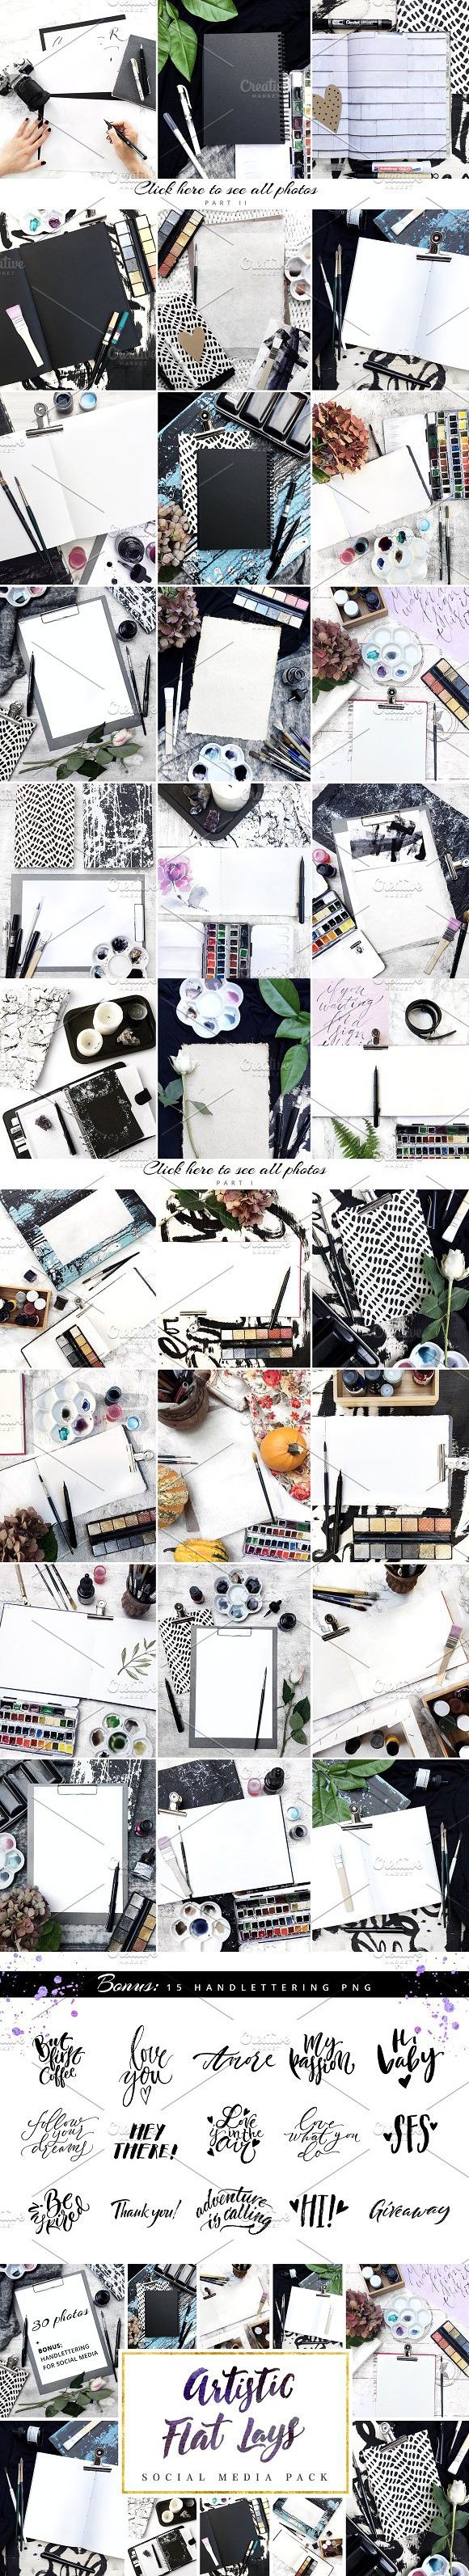 Art Flat Lays | Social Media Pack